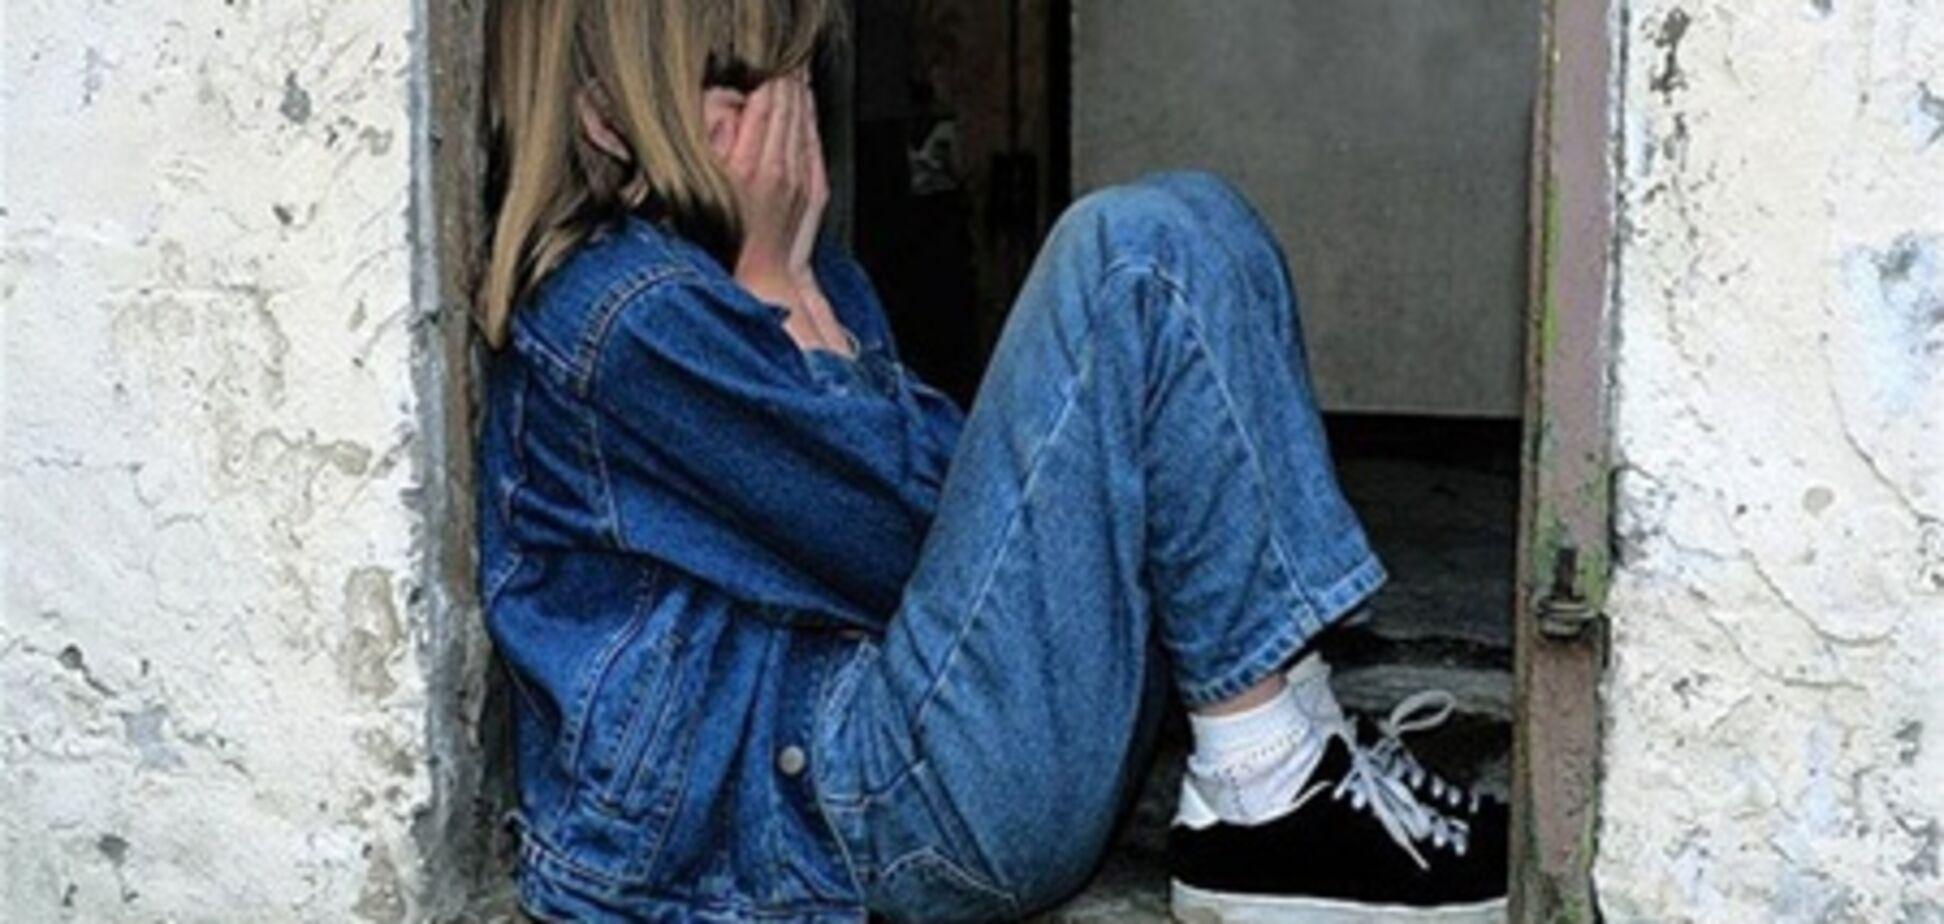 Педофіл згвалтував 12-річну дівчинку в шкільному коридорі